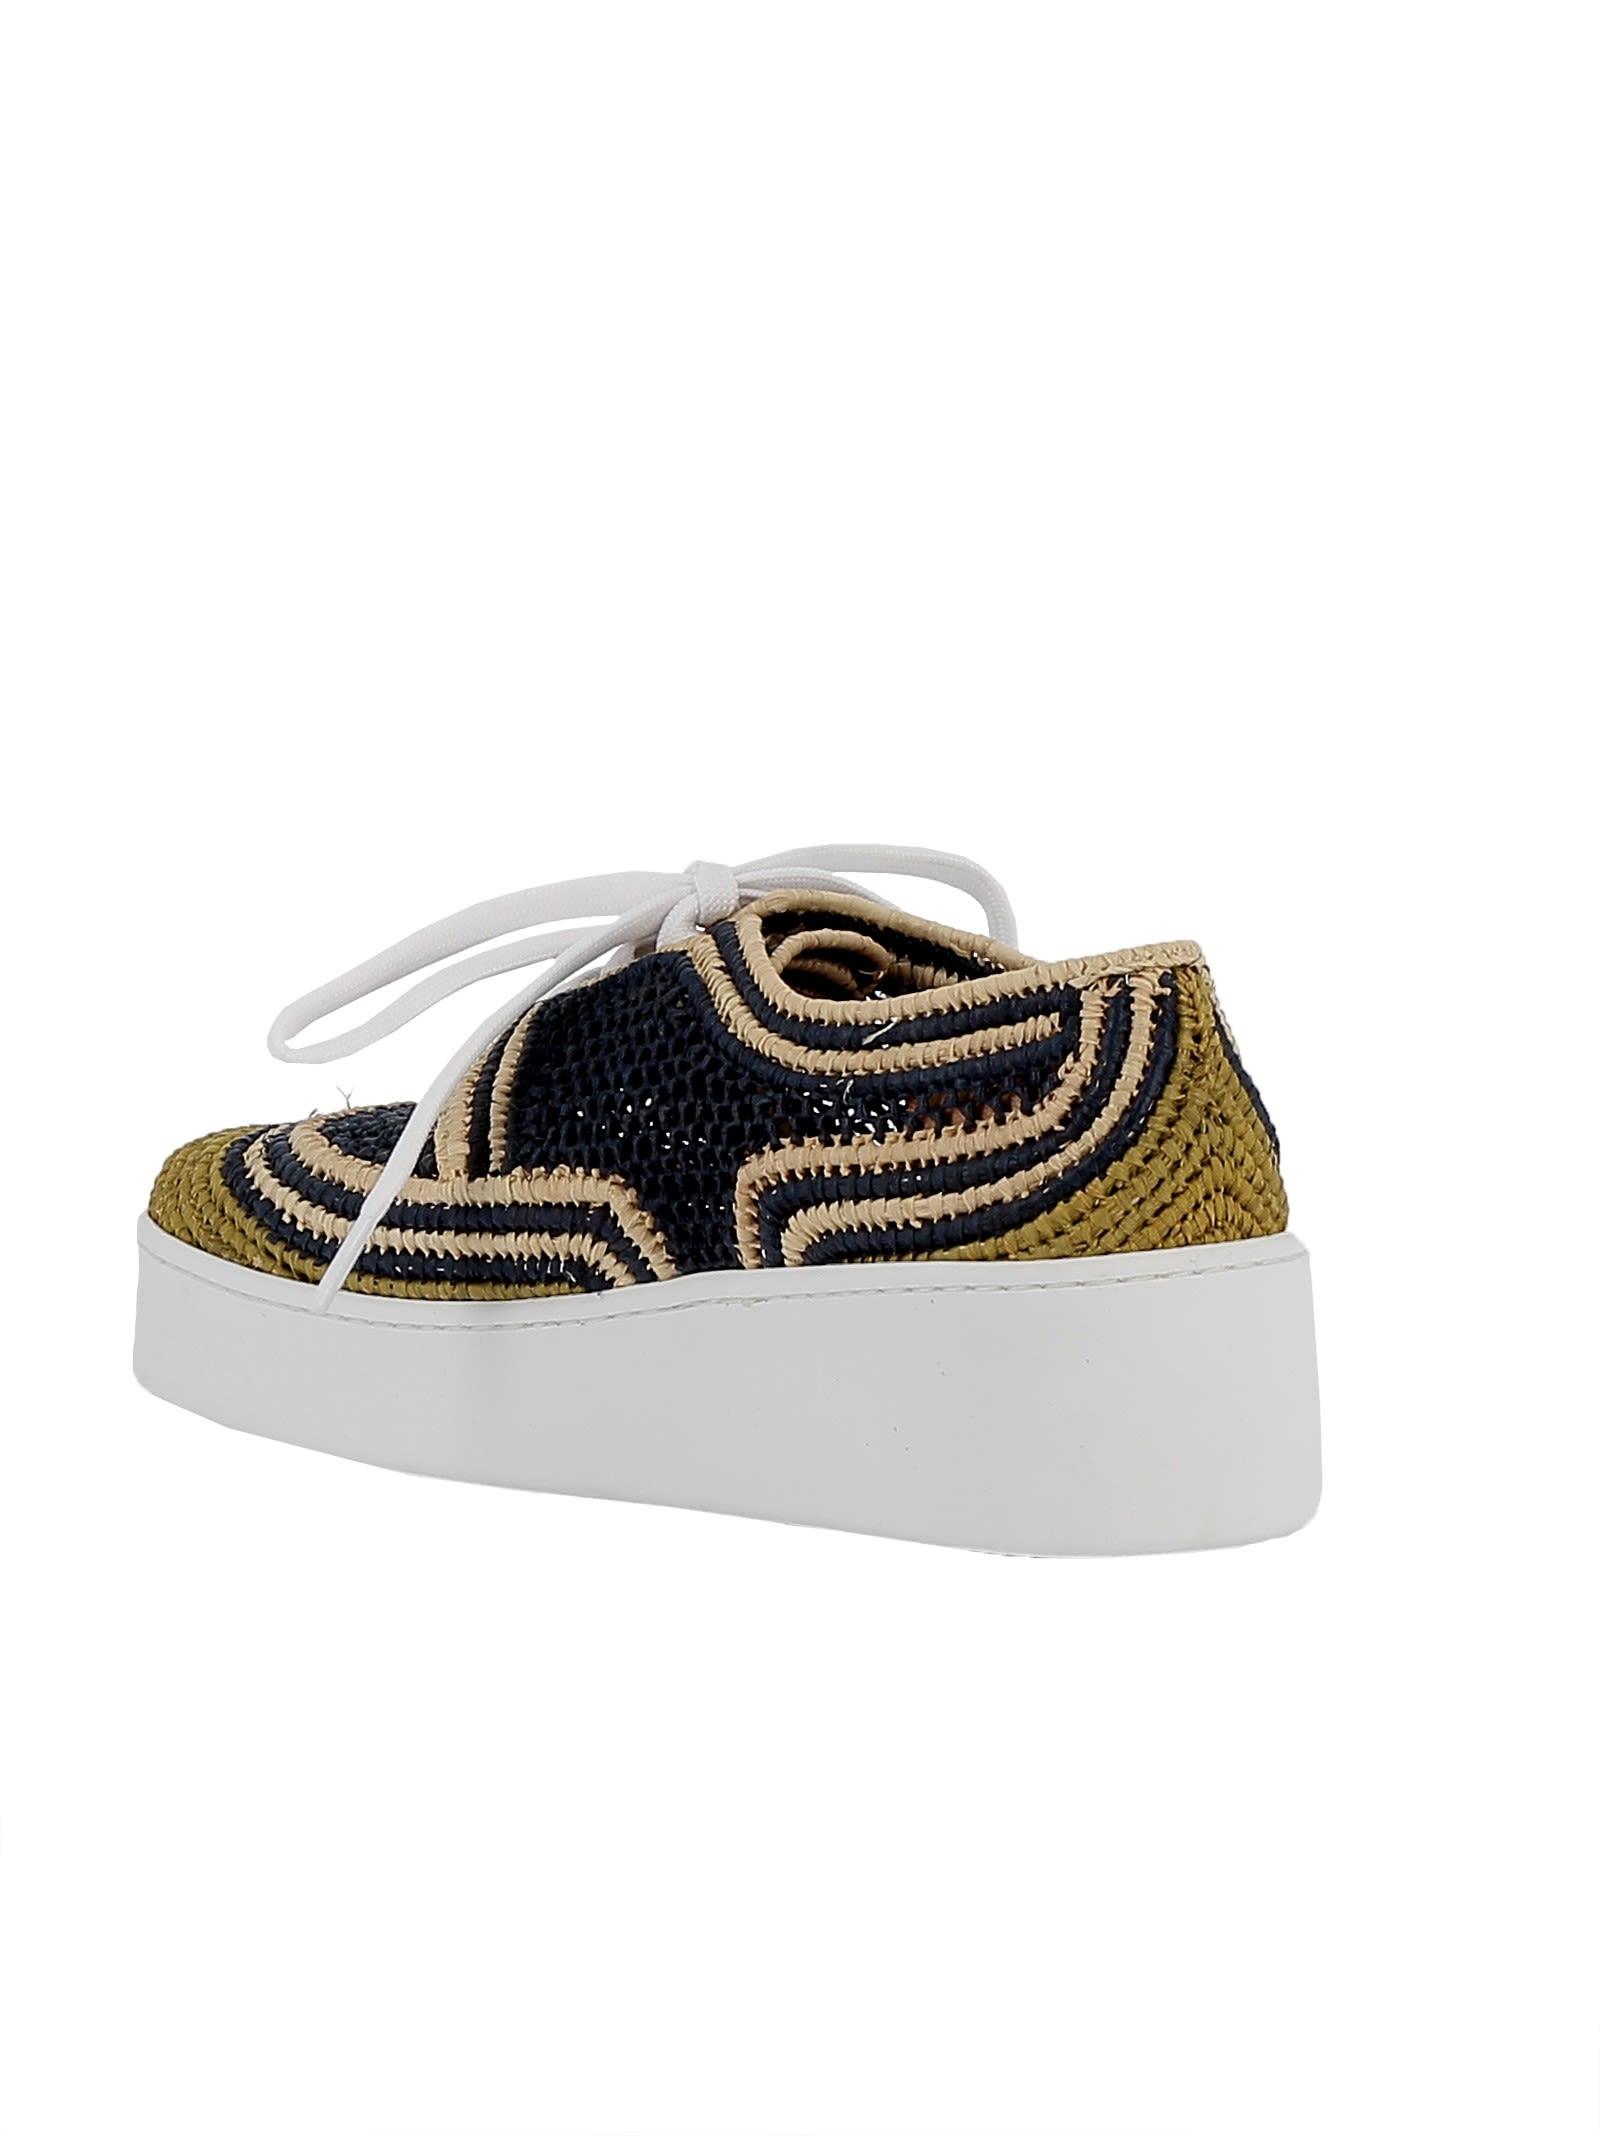 Chaussures De Tissu Multicolore wk5P8zGfO